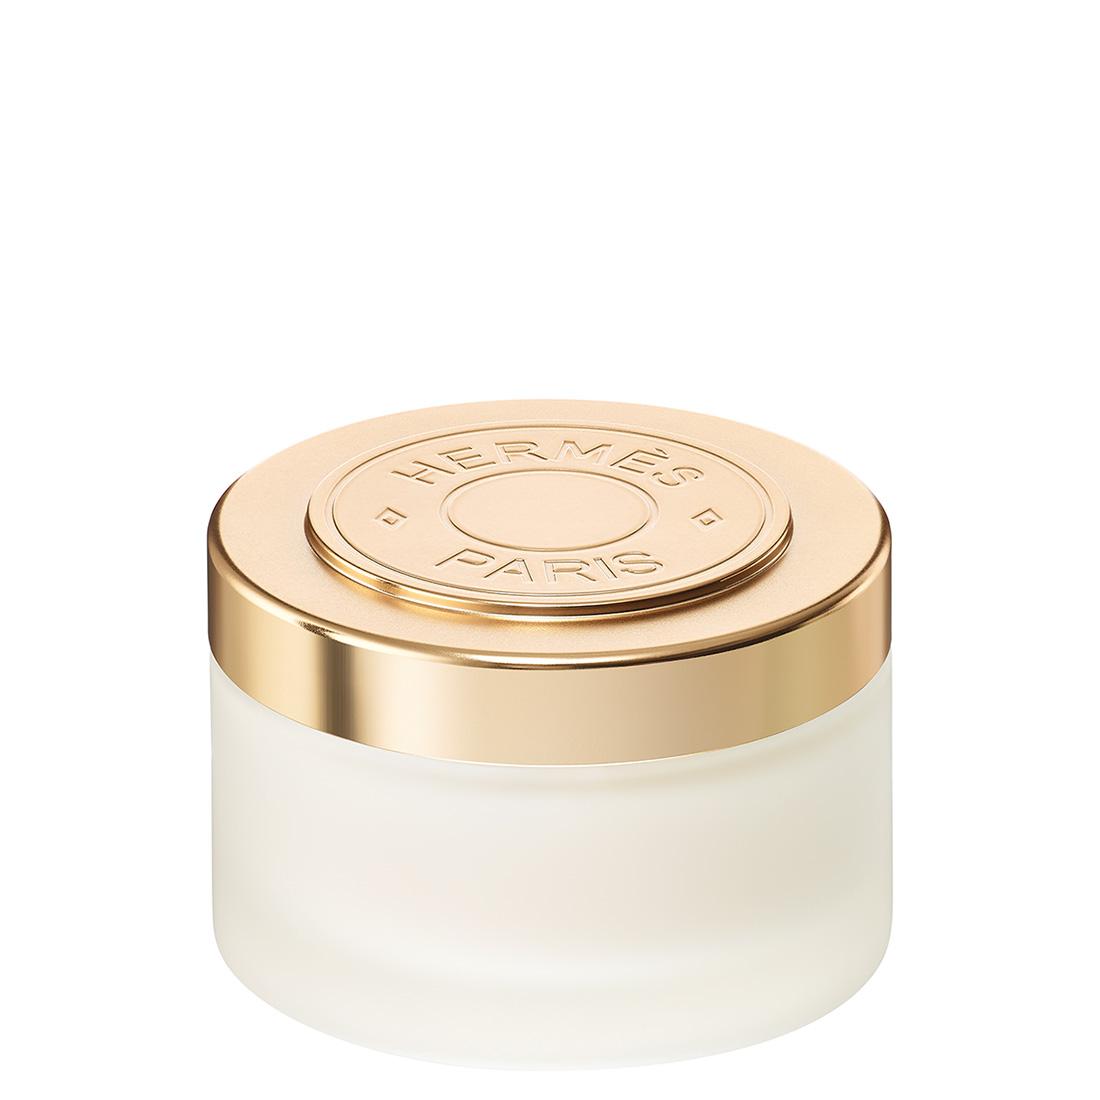 Hermès - 24 Faubourg - Crème parfumée pour le corps